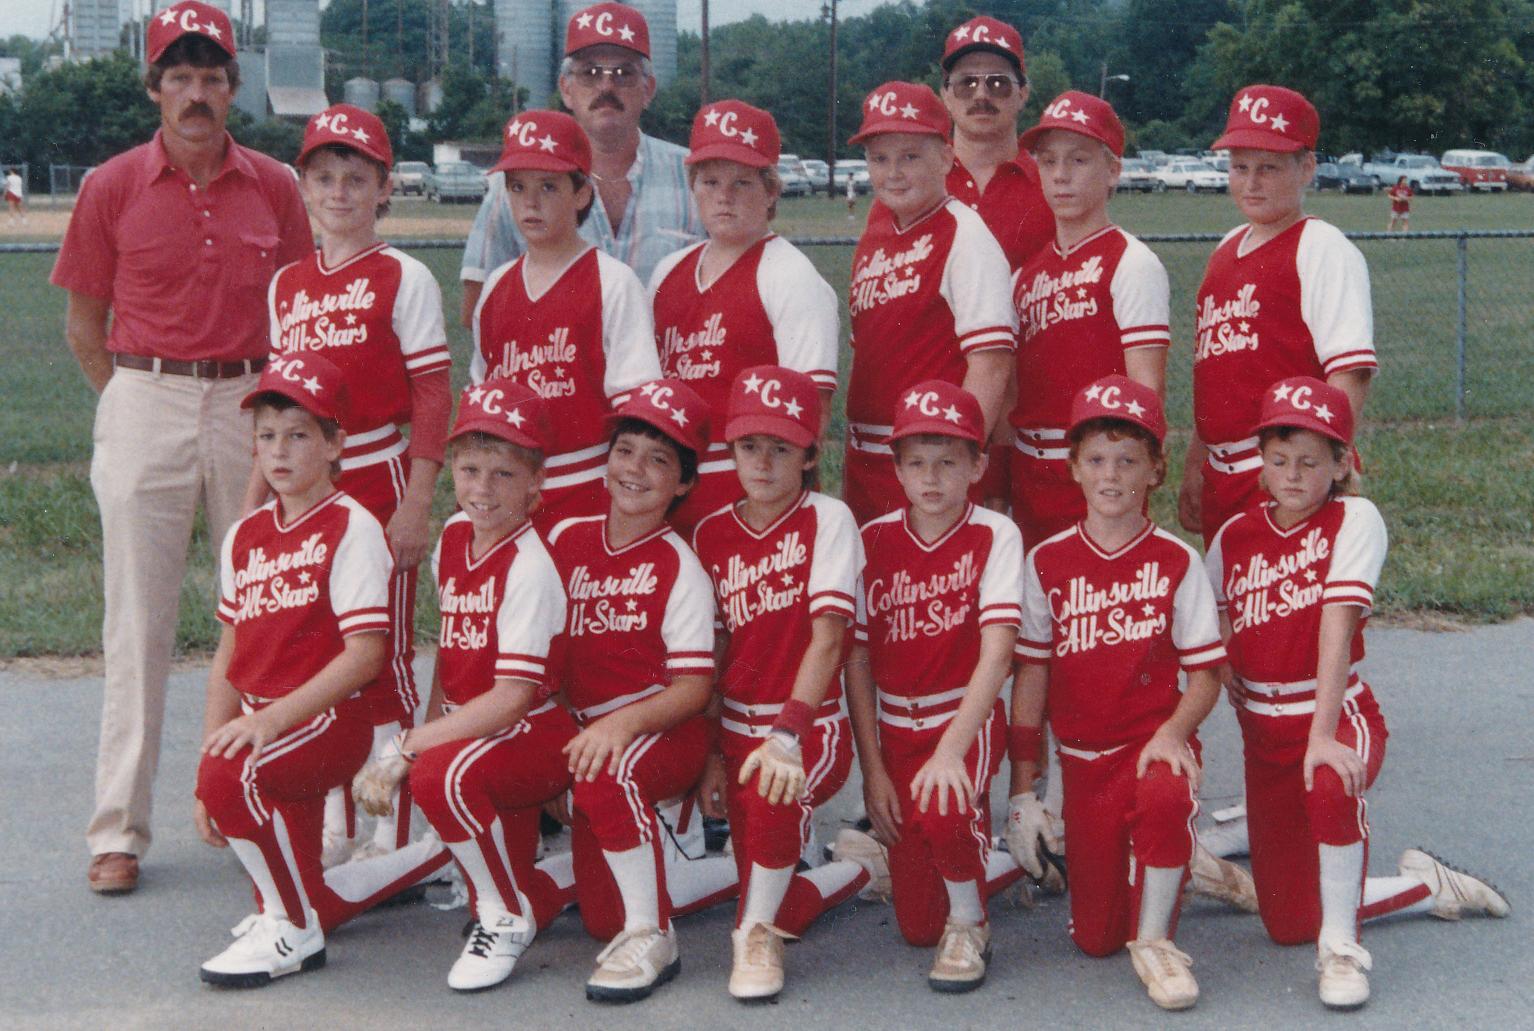 1986 All-Stars